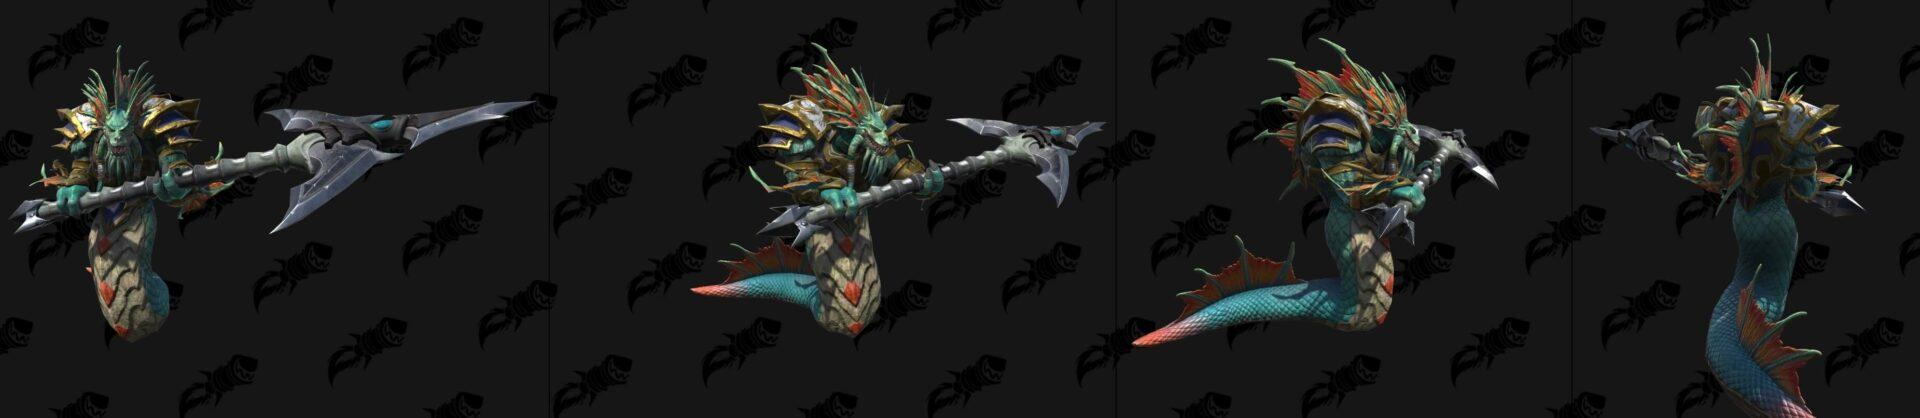 Нага-королевский страж Warcraft lll: Reforged